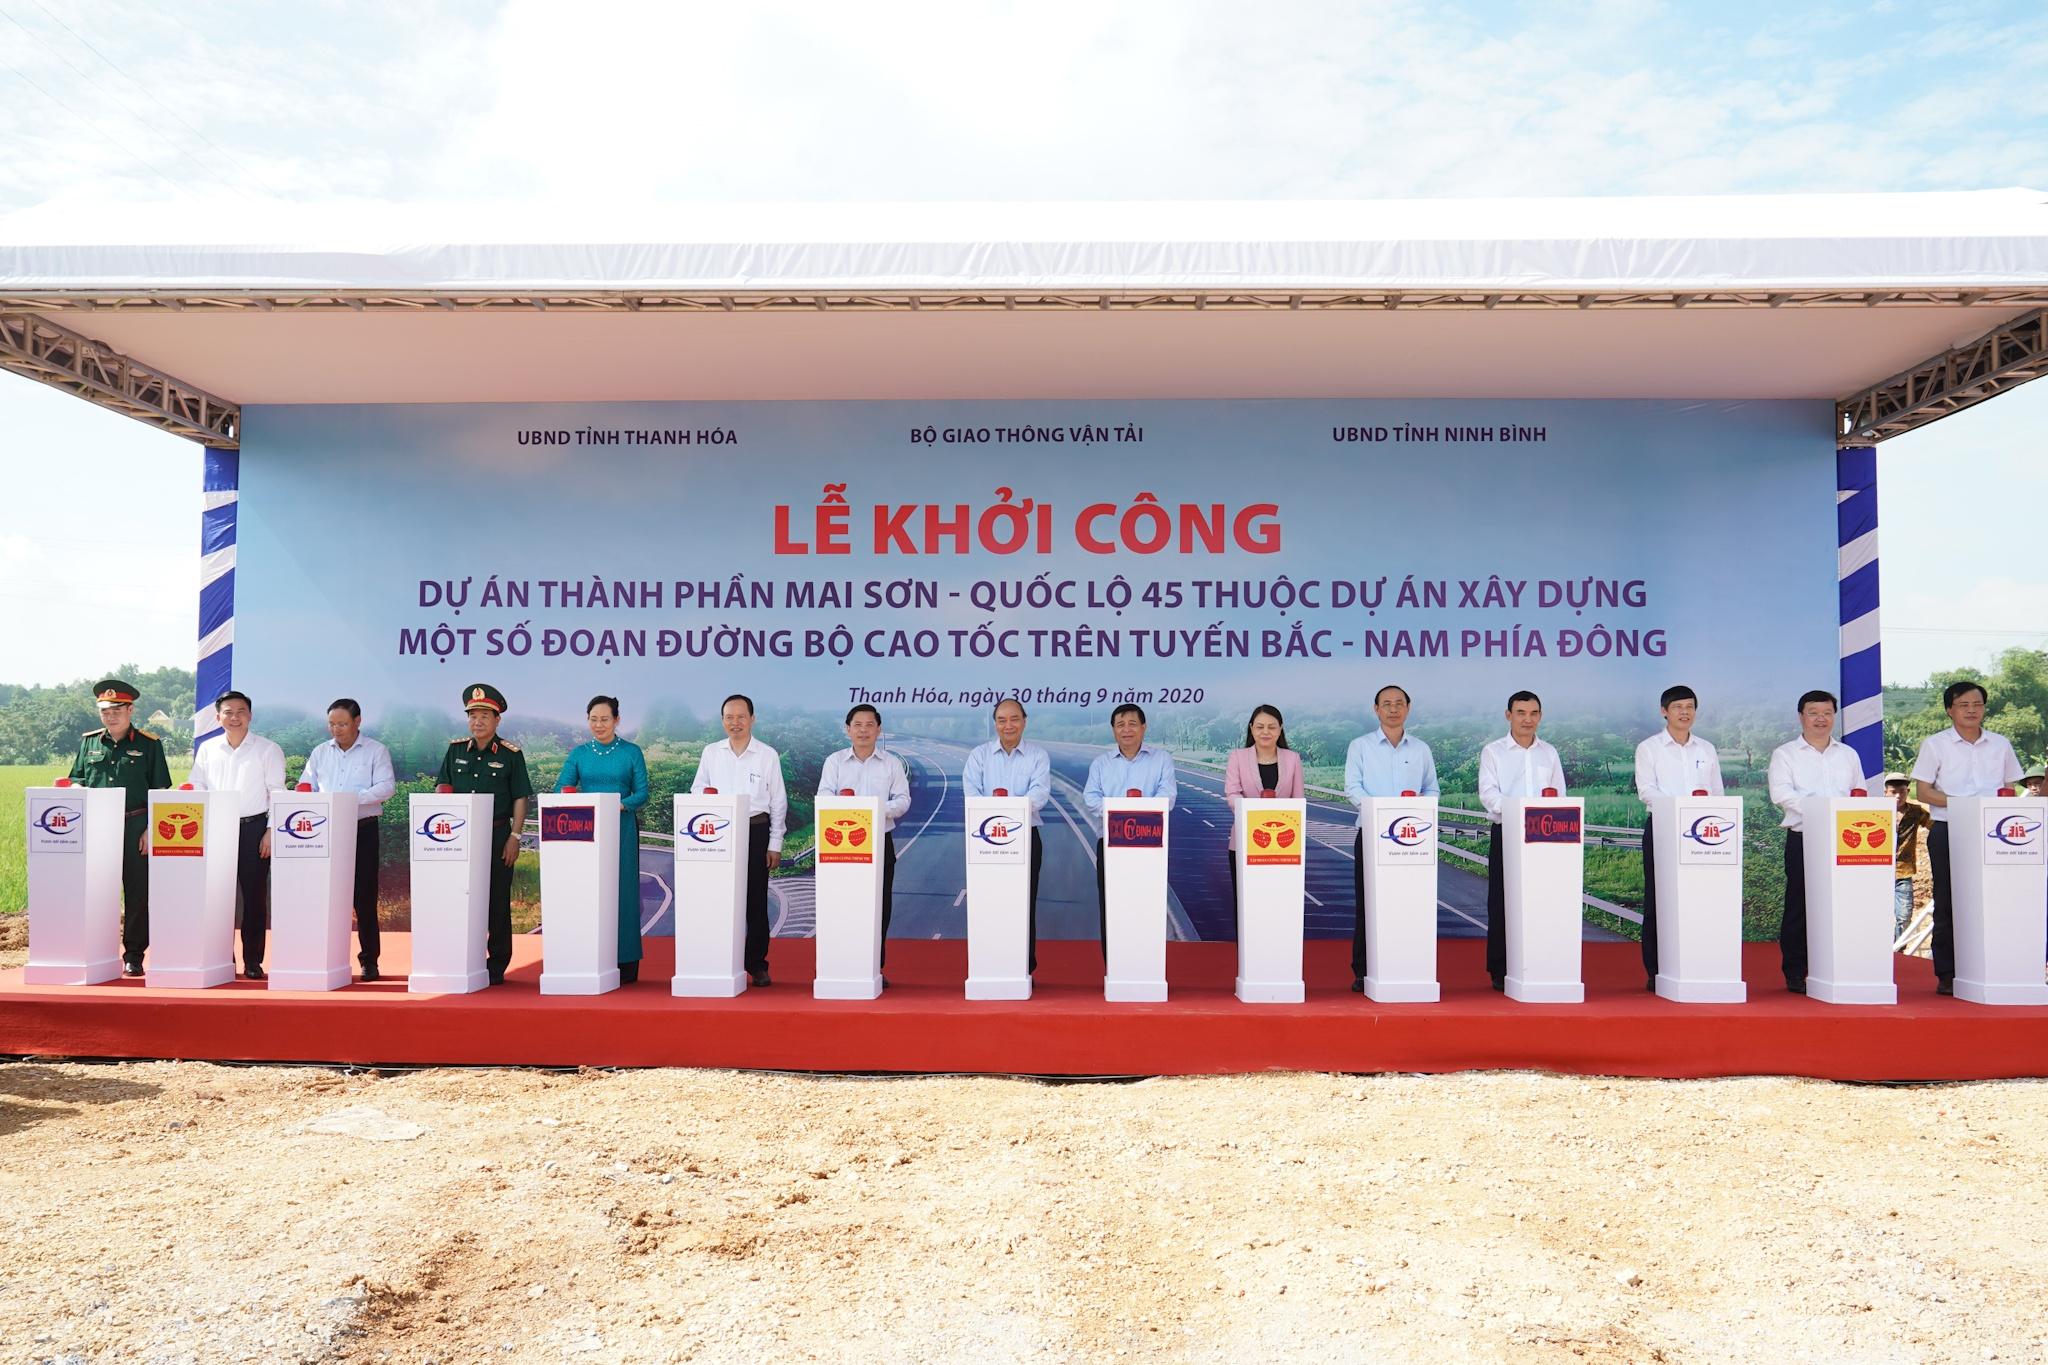 thu tuong nguyen xuan phuc phai co it nhat 5000 km cao toc